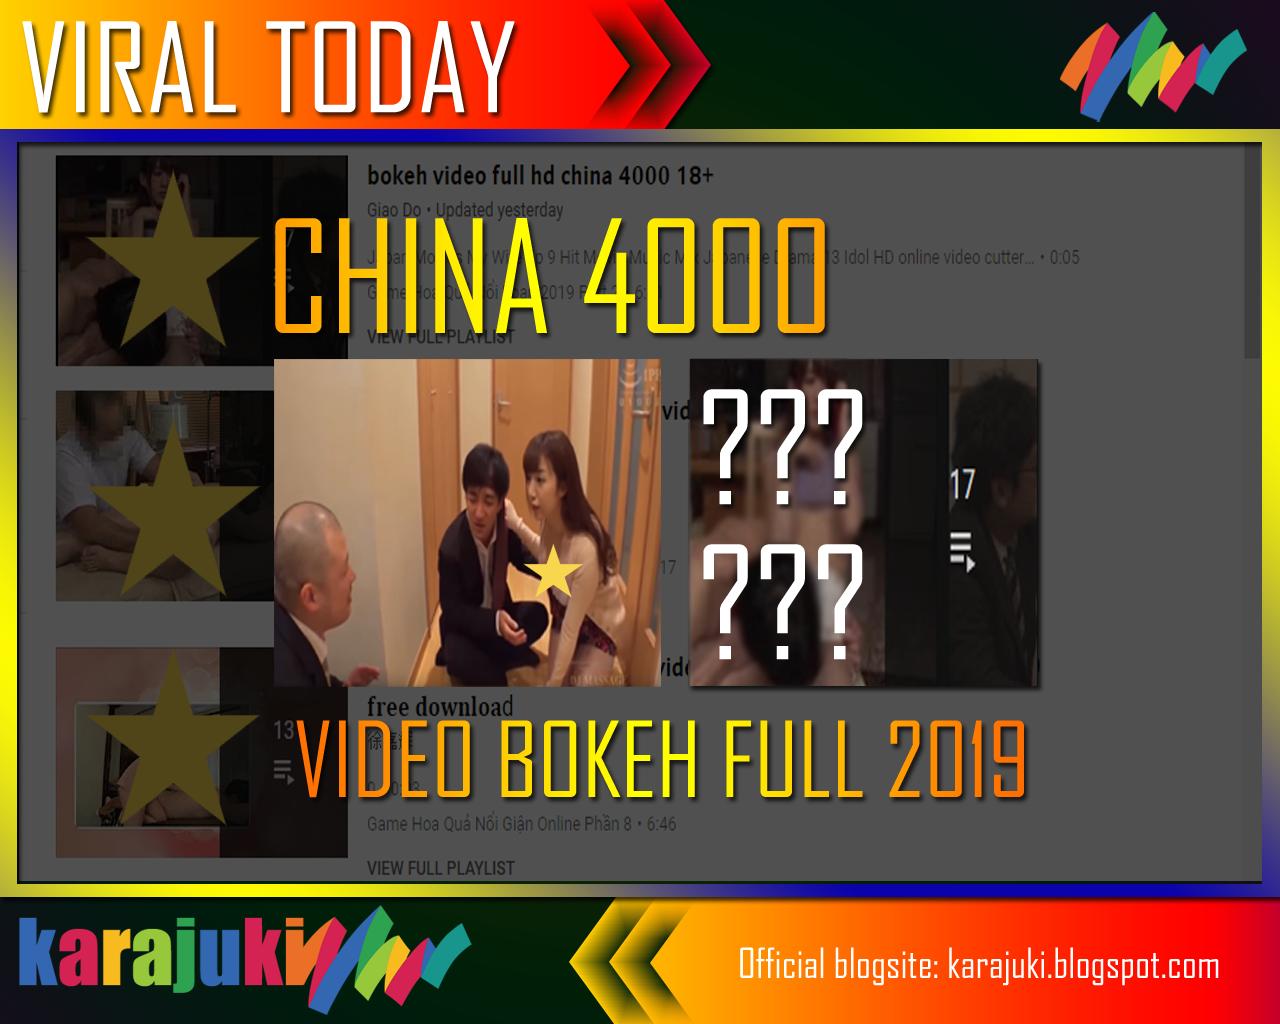 The Latest Video Bokeh Full  Karajuki